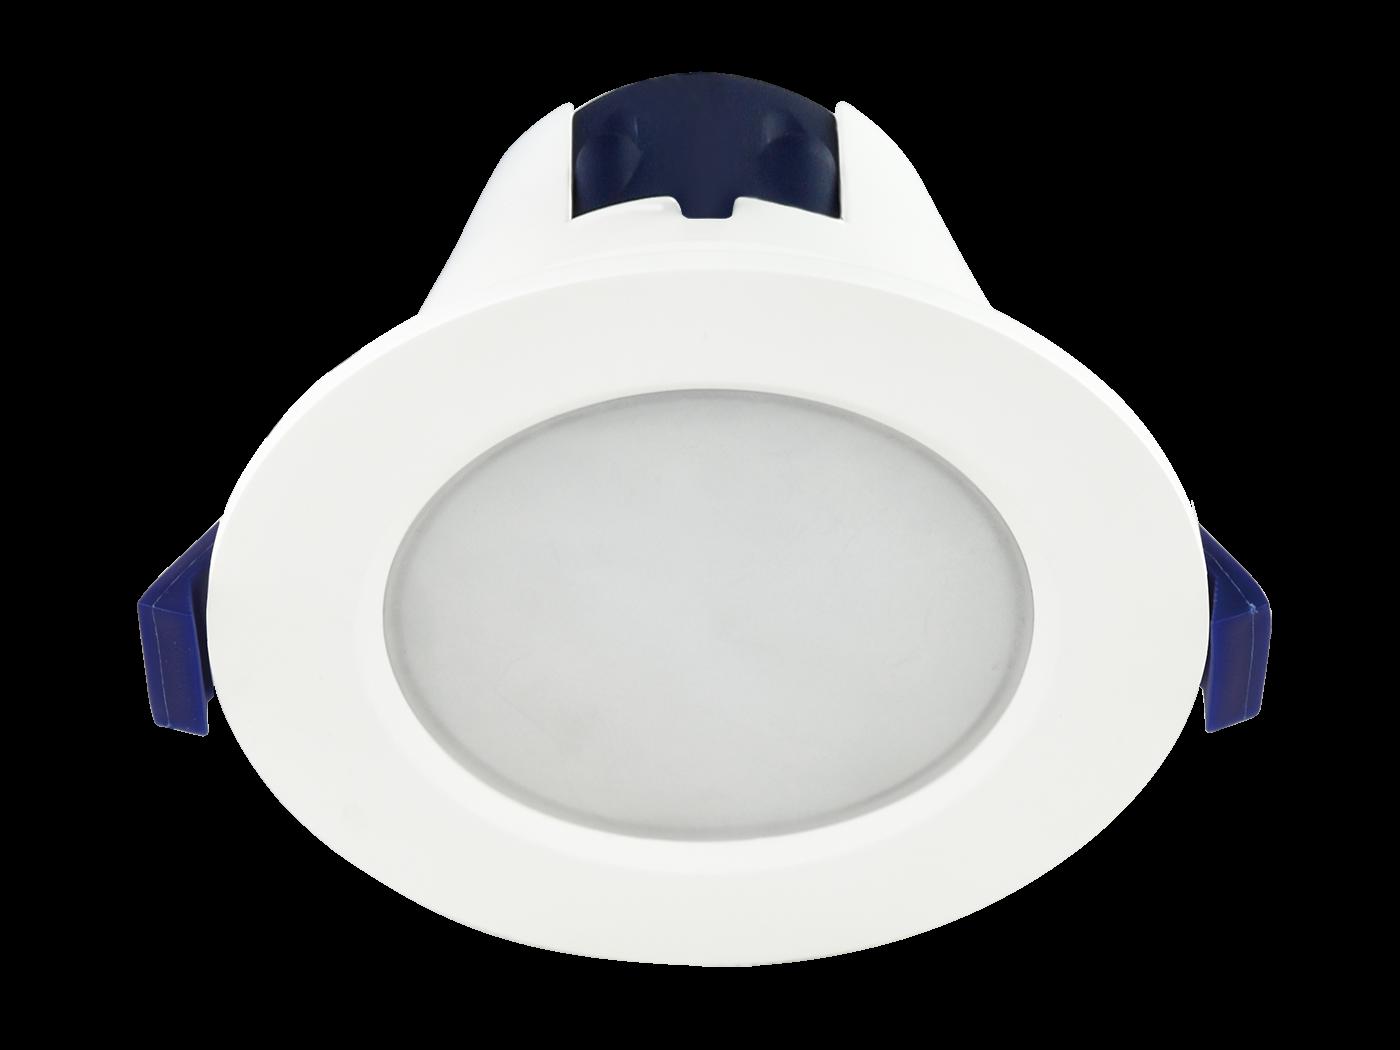 Plastial Petite Flush Downlight 4000K